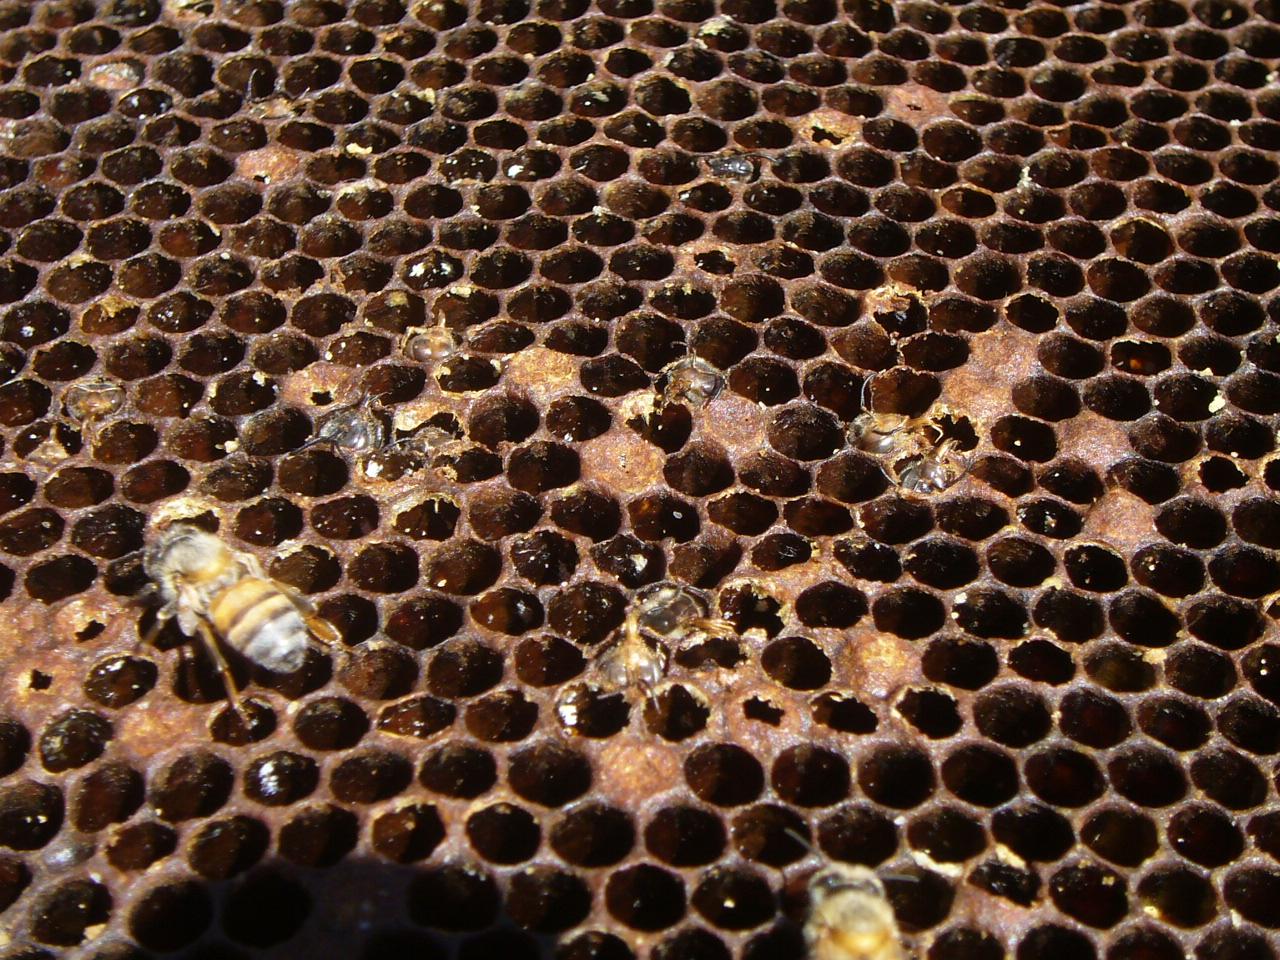 Evidence of varroa